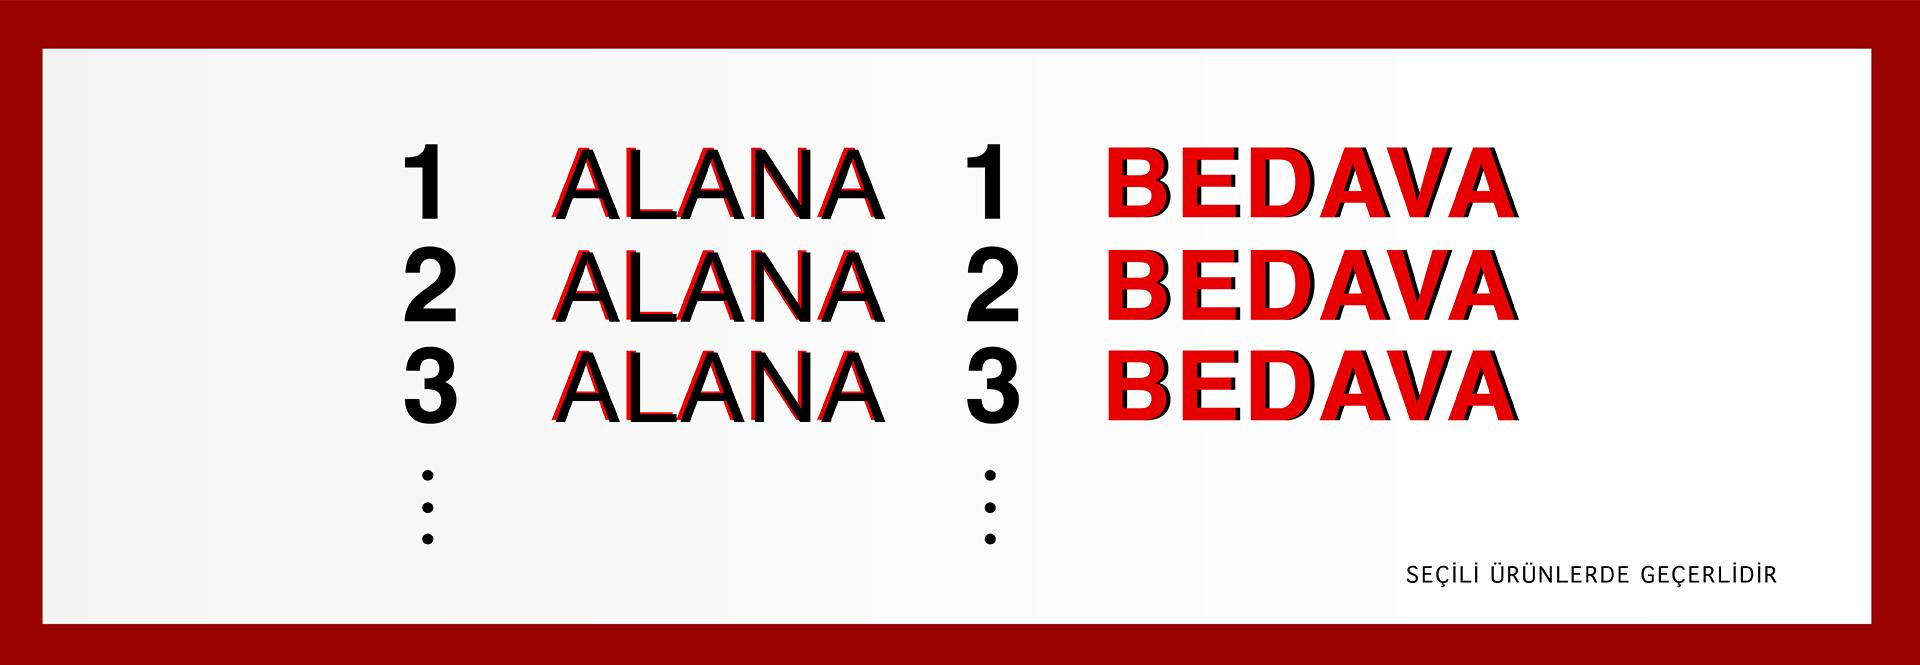 1 Alana 1 Bedava